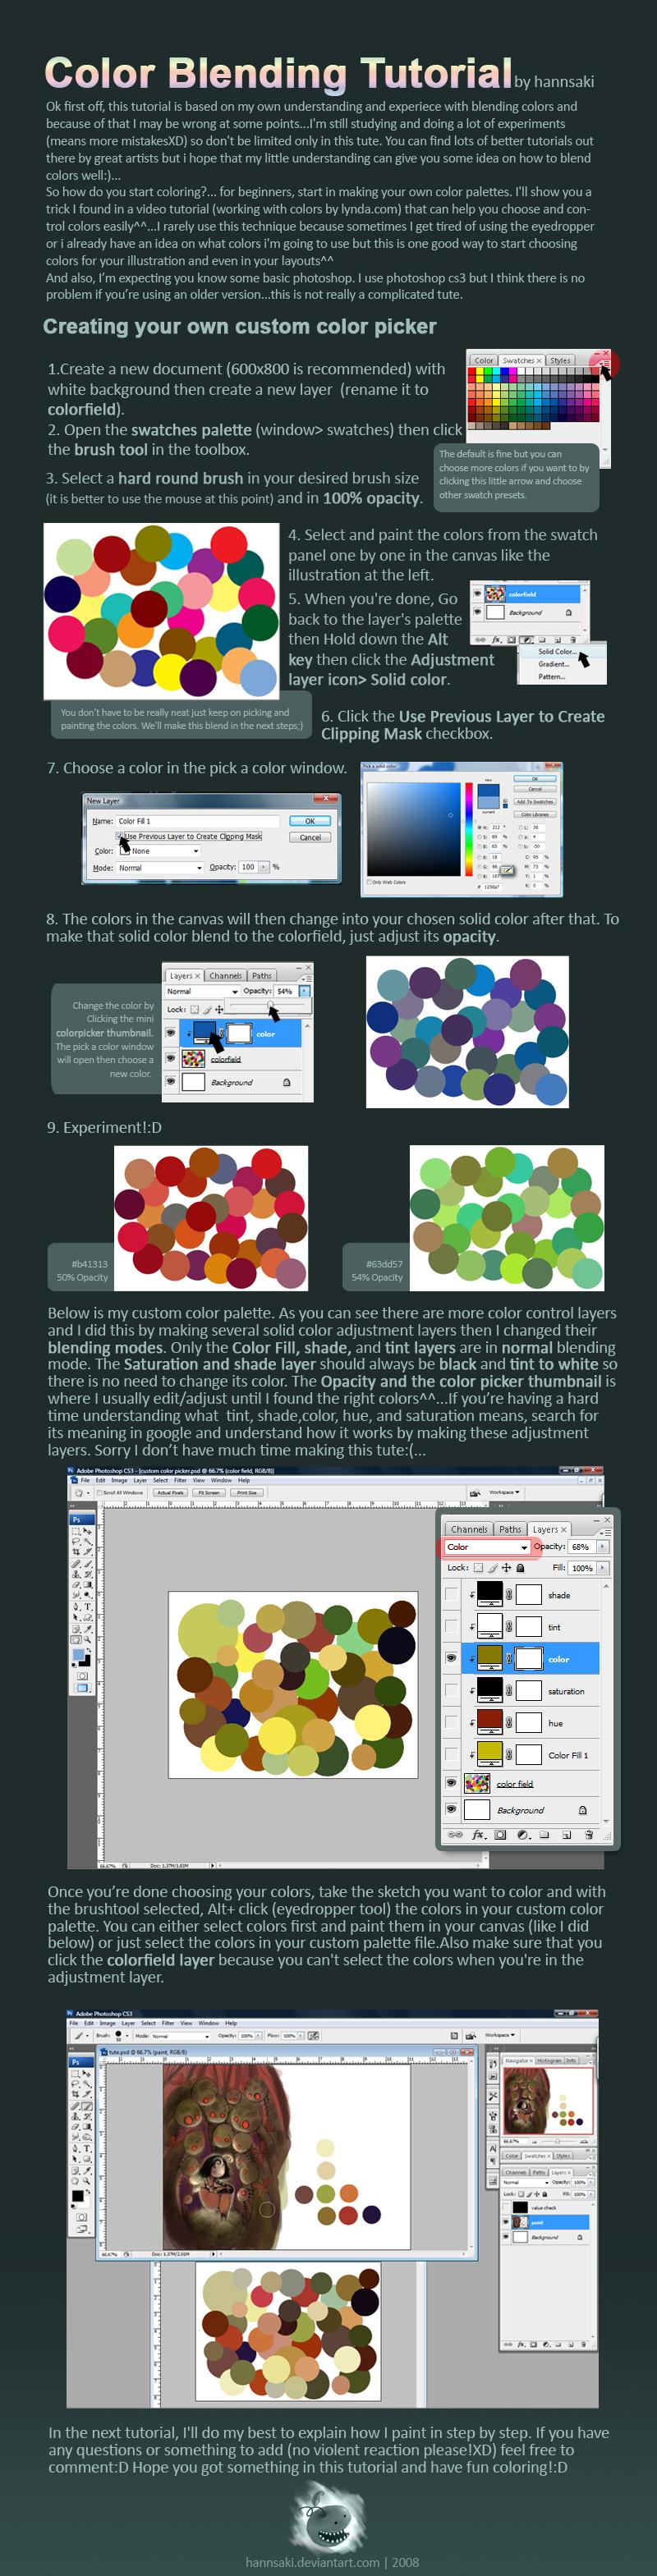 color blending tutorial by hannsaki